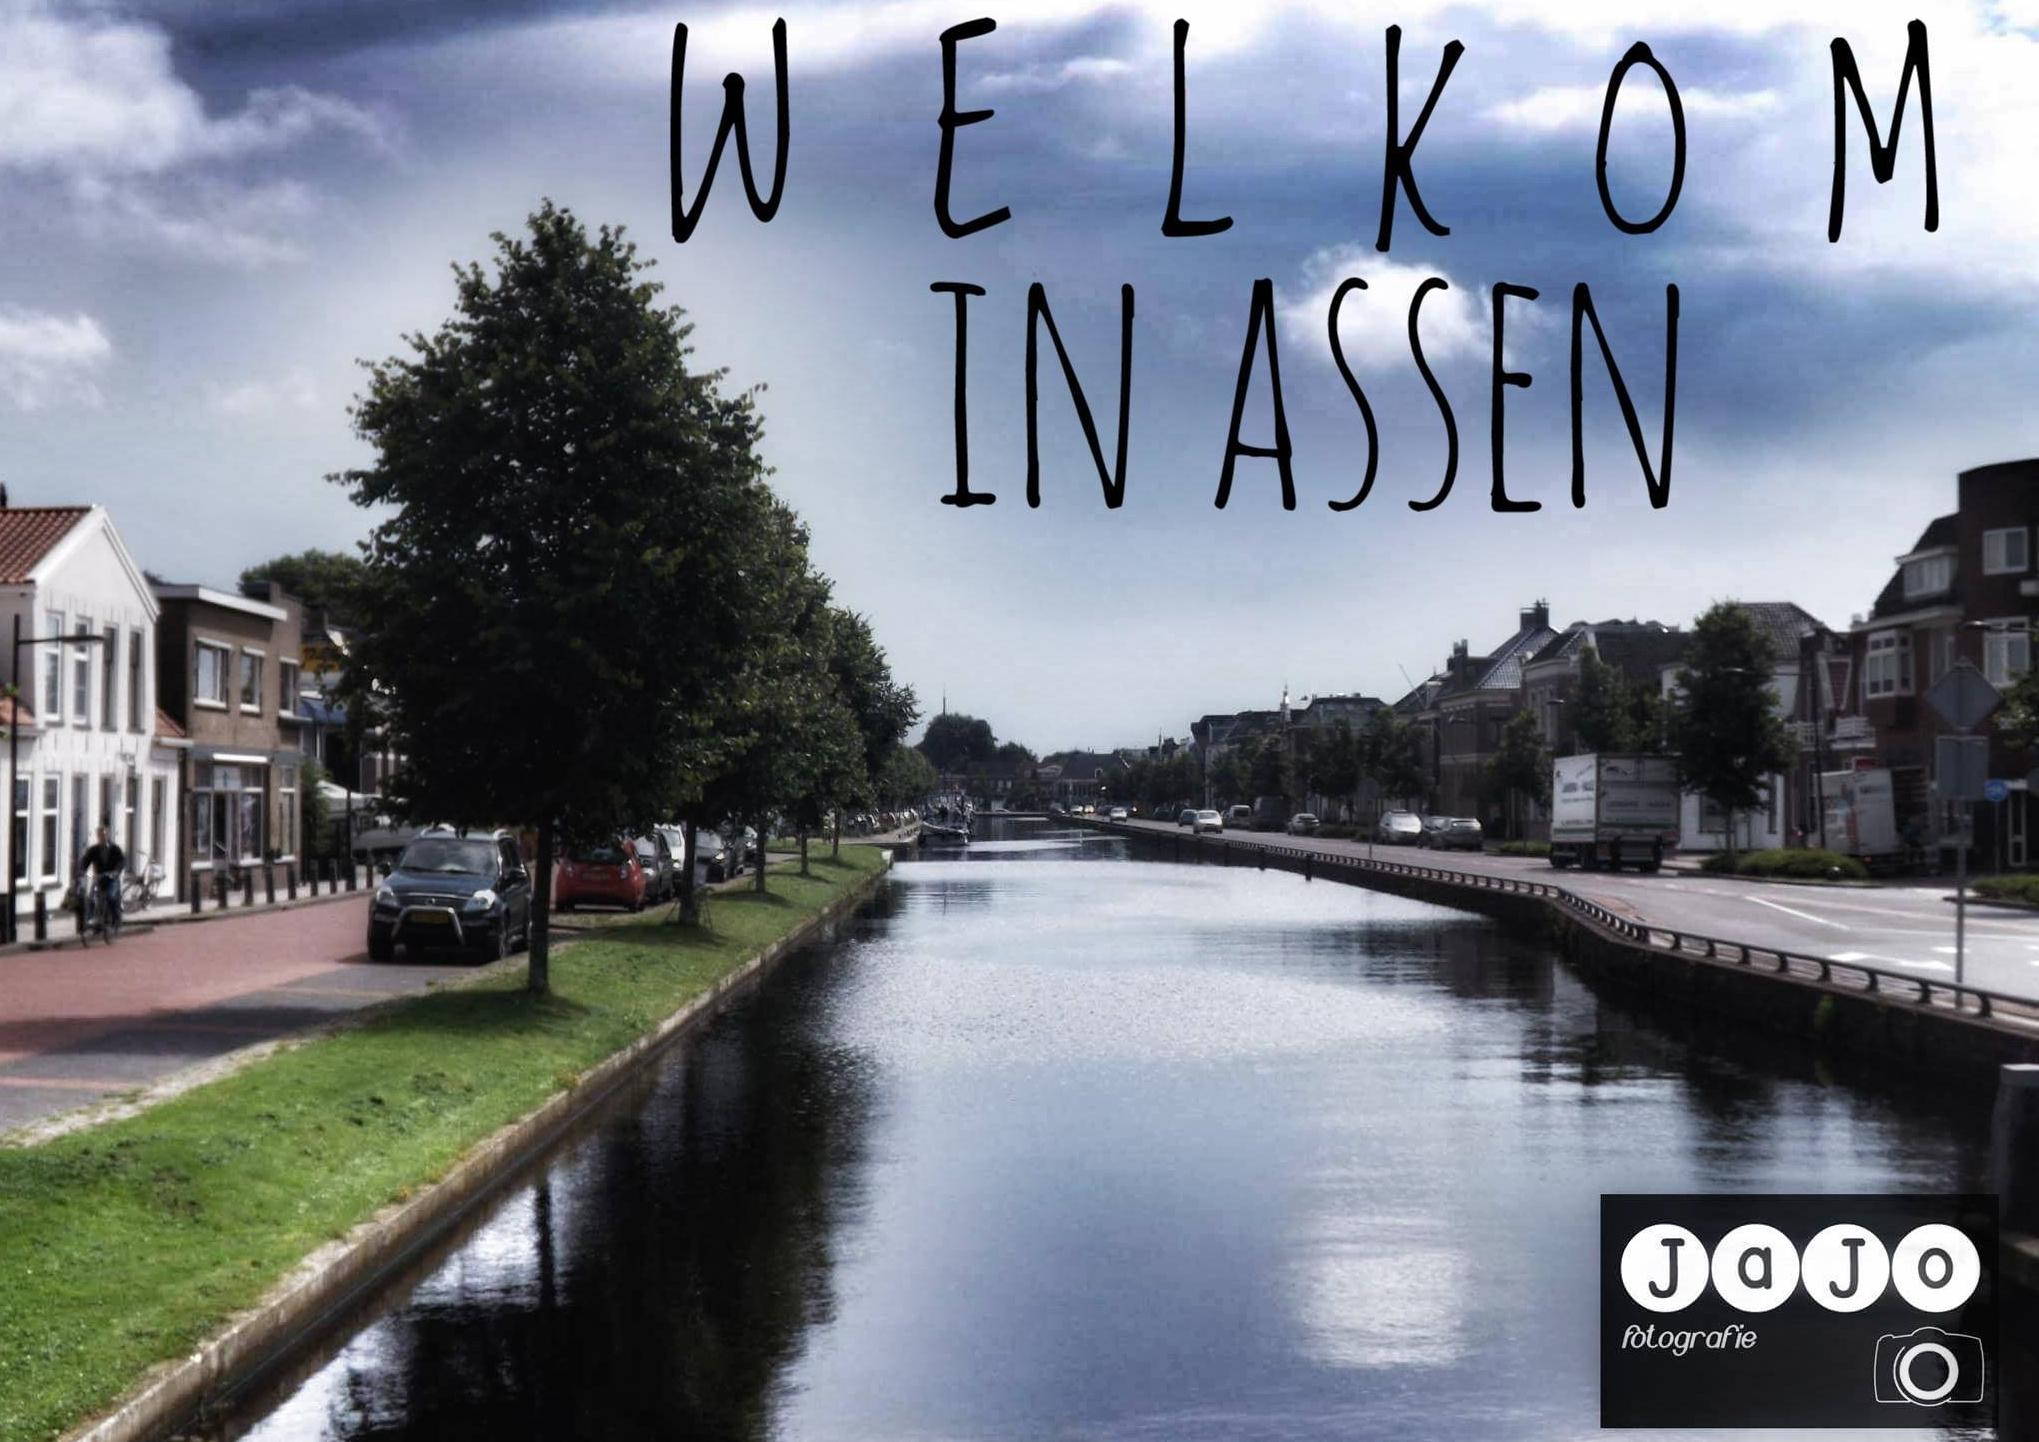 Welkom is Assen – Tag